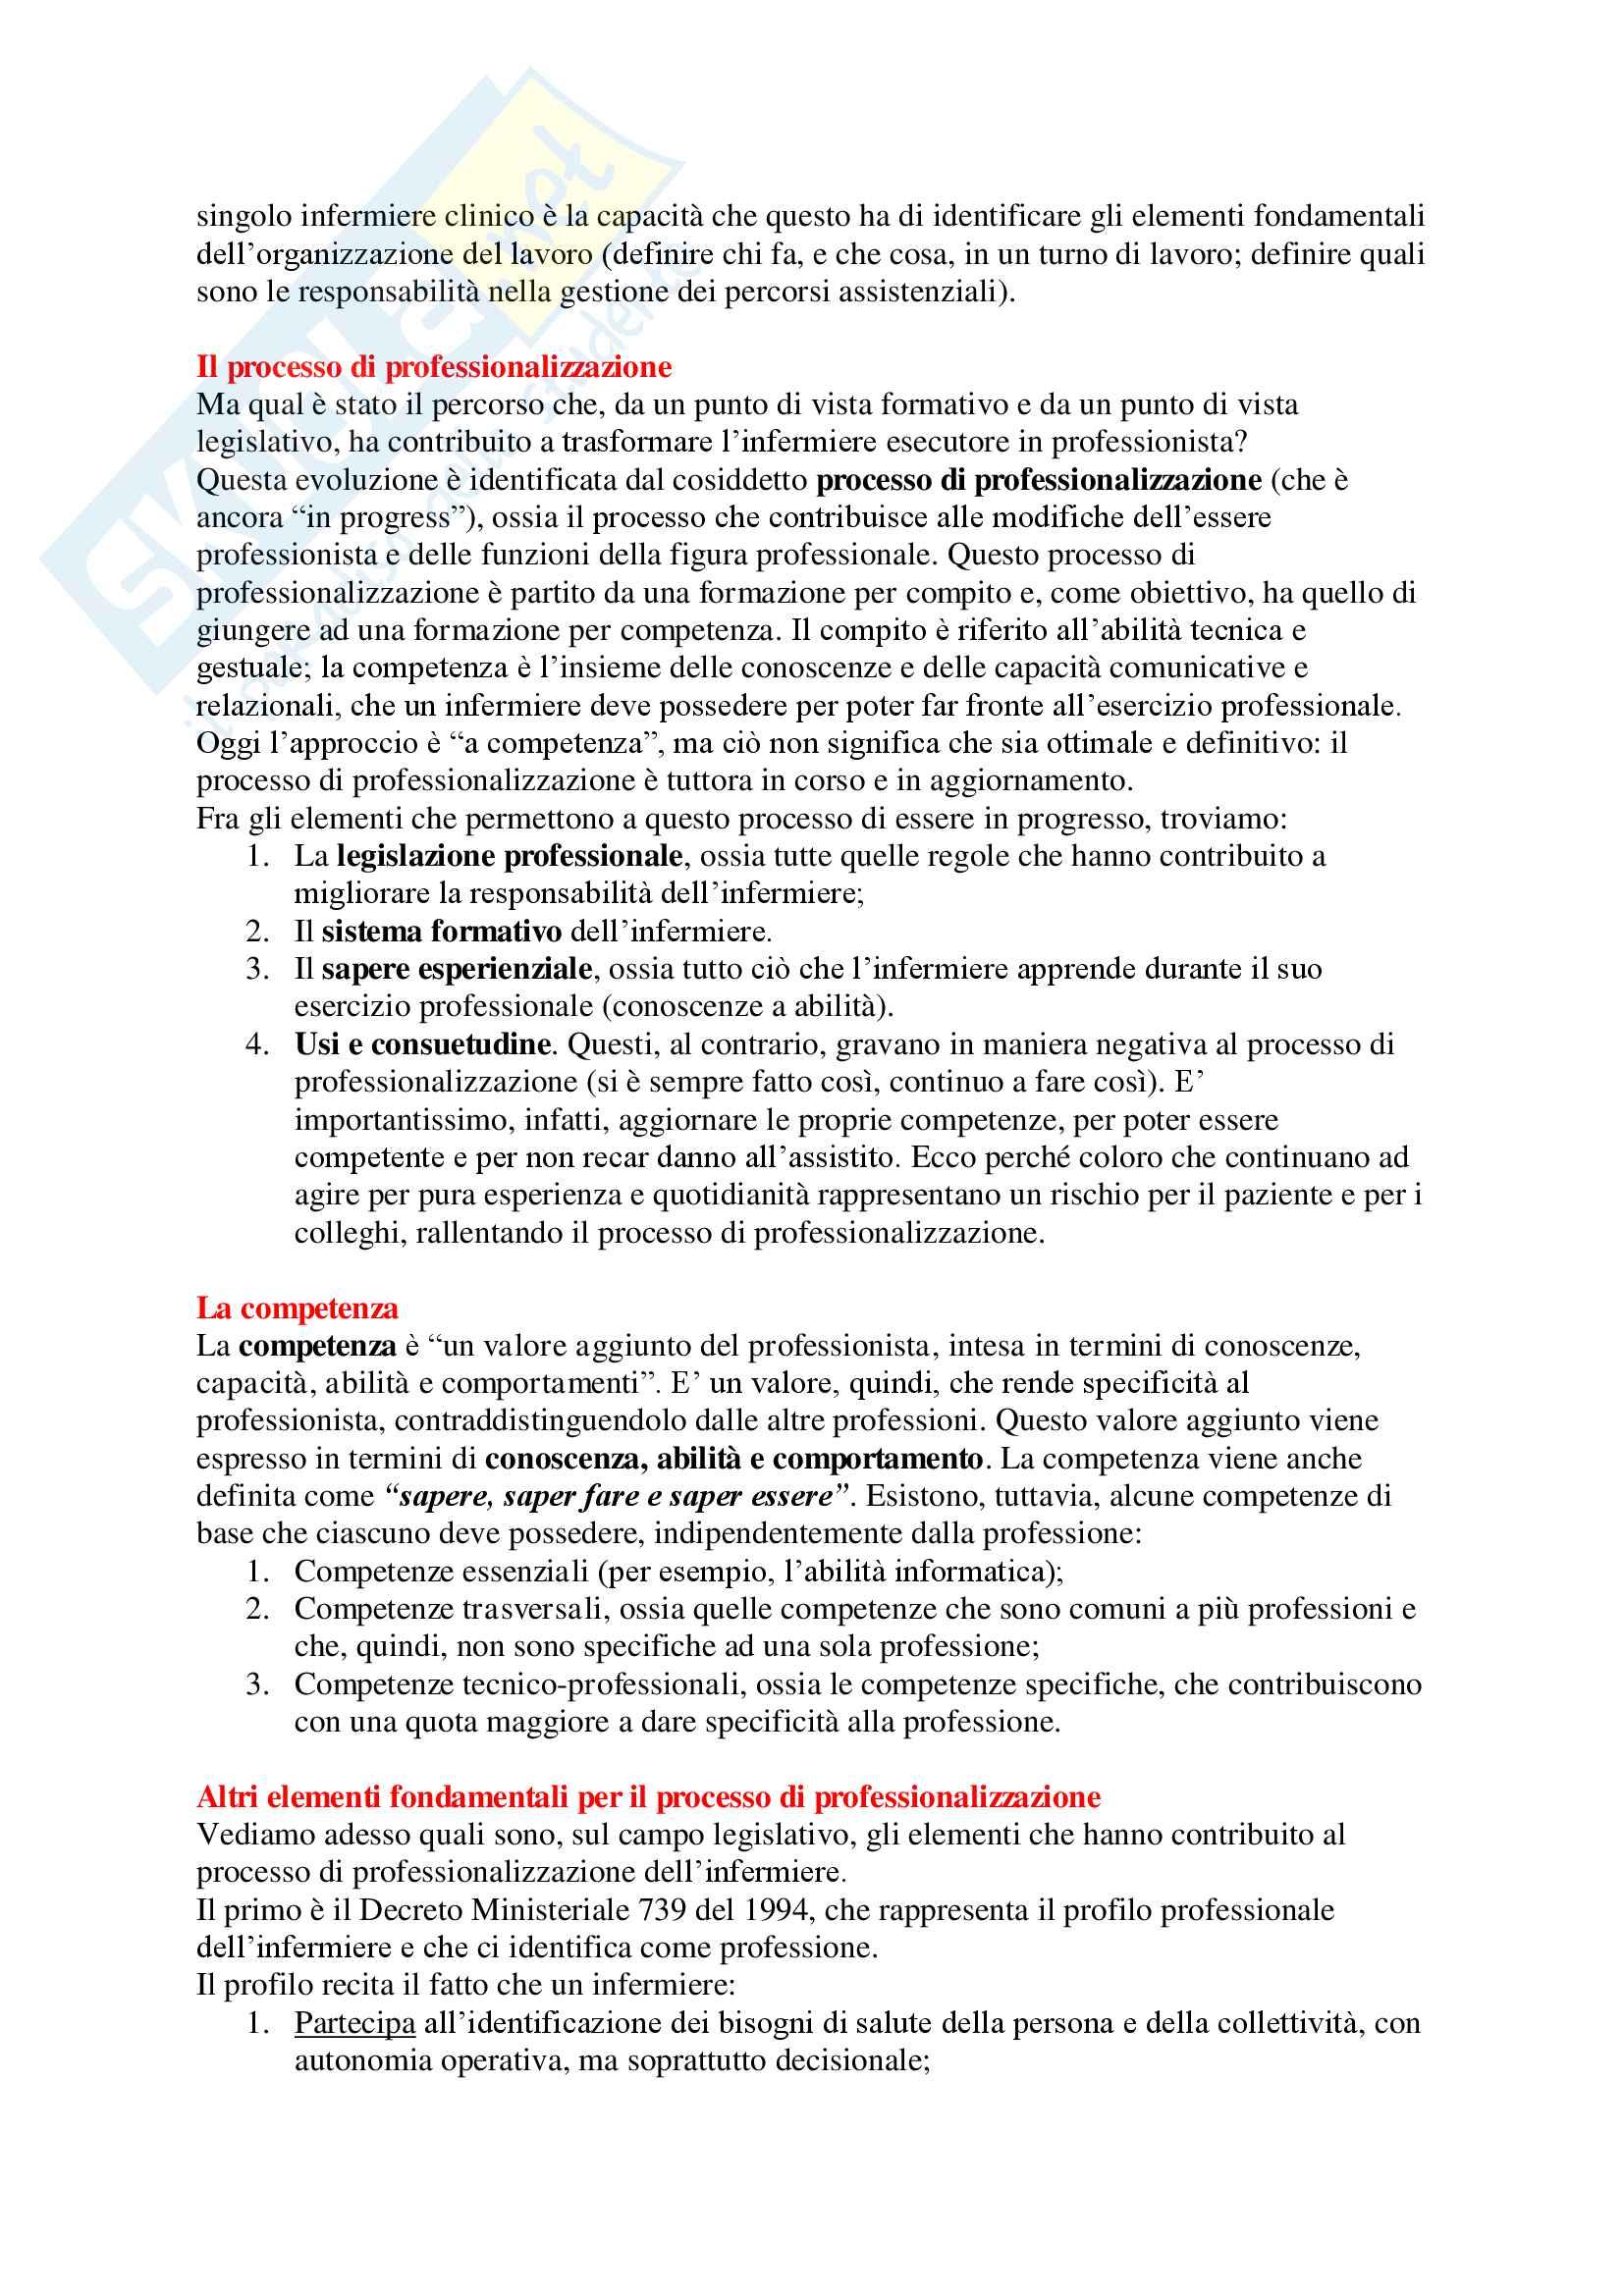 Metodologia Infermieristica - Appunti Completi Pag. 2